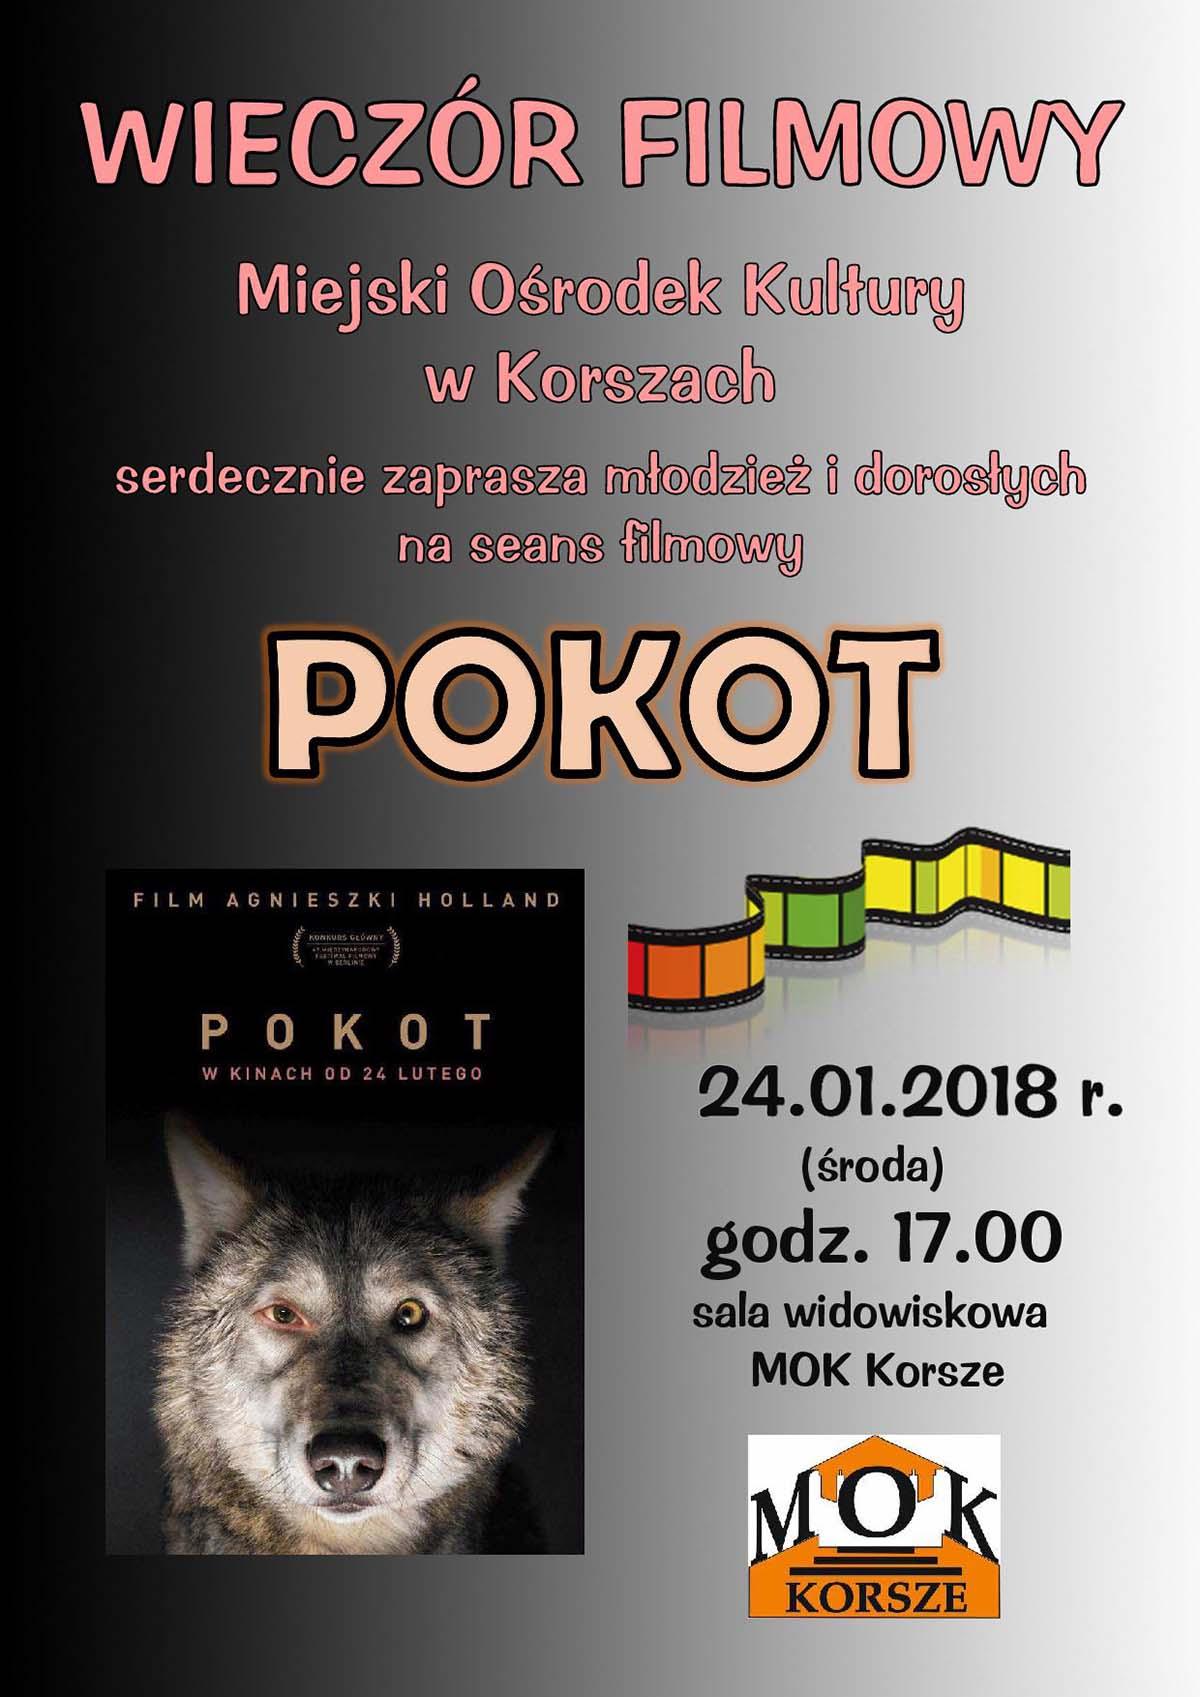 https://m.wm.pl/2018/01/orig/0000003062-wiecz-s-t-r-filmowy-pokot-441507.jpg